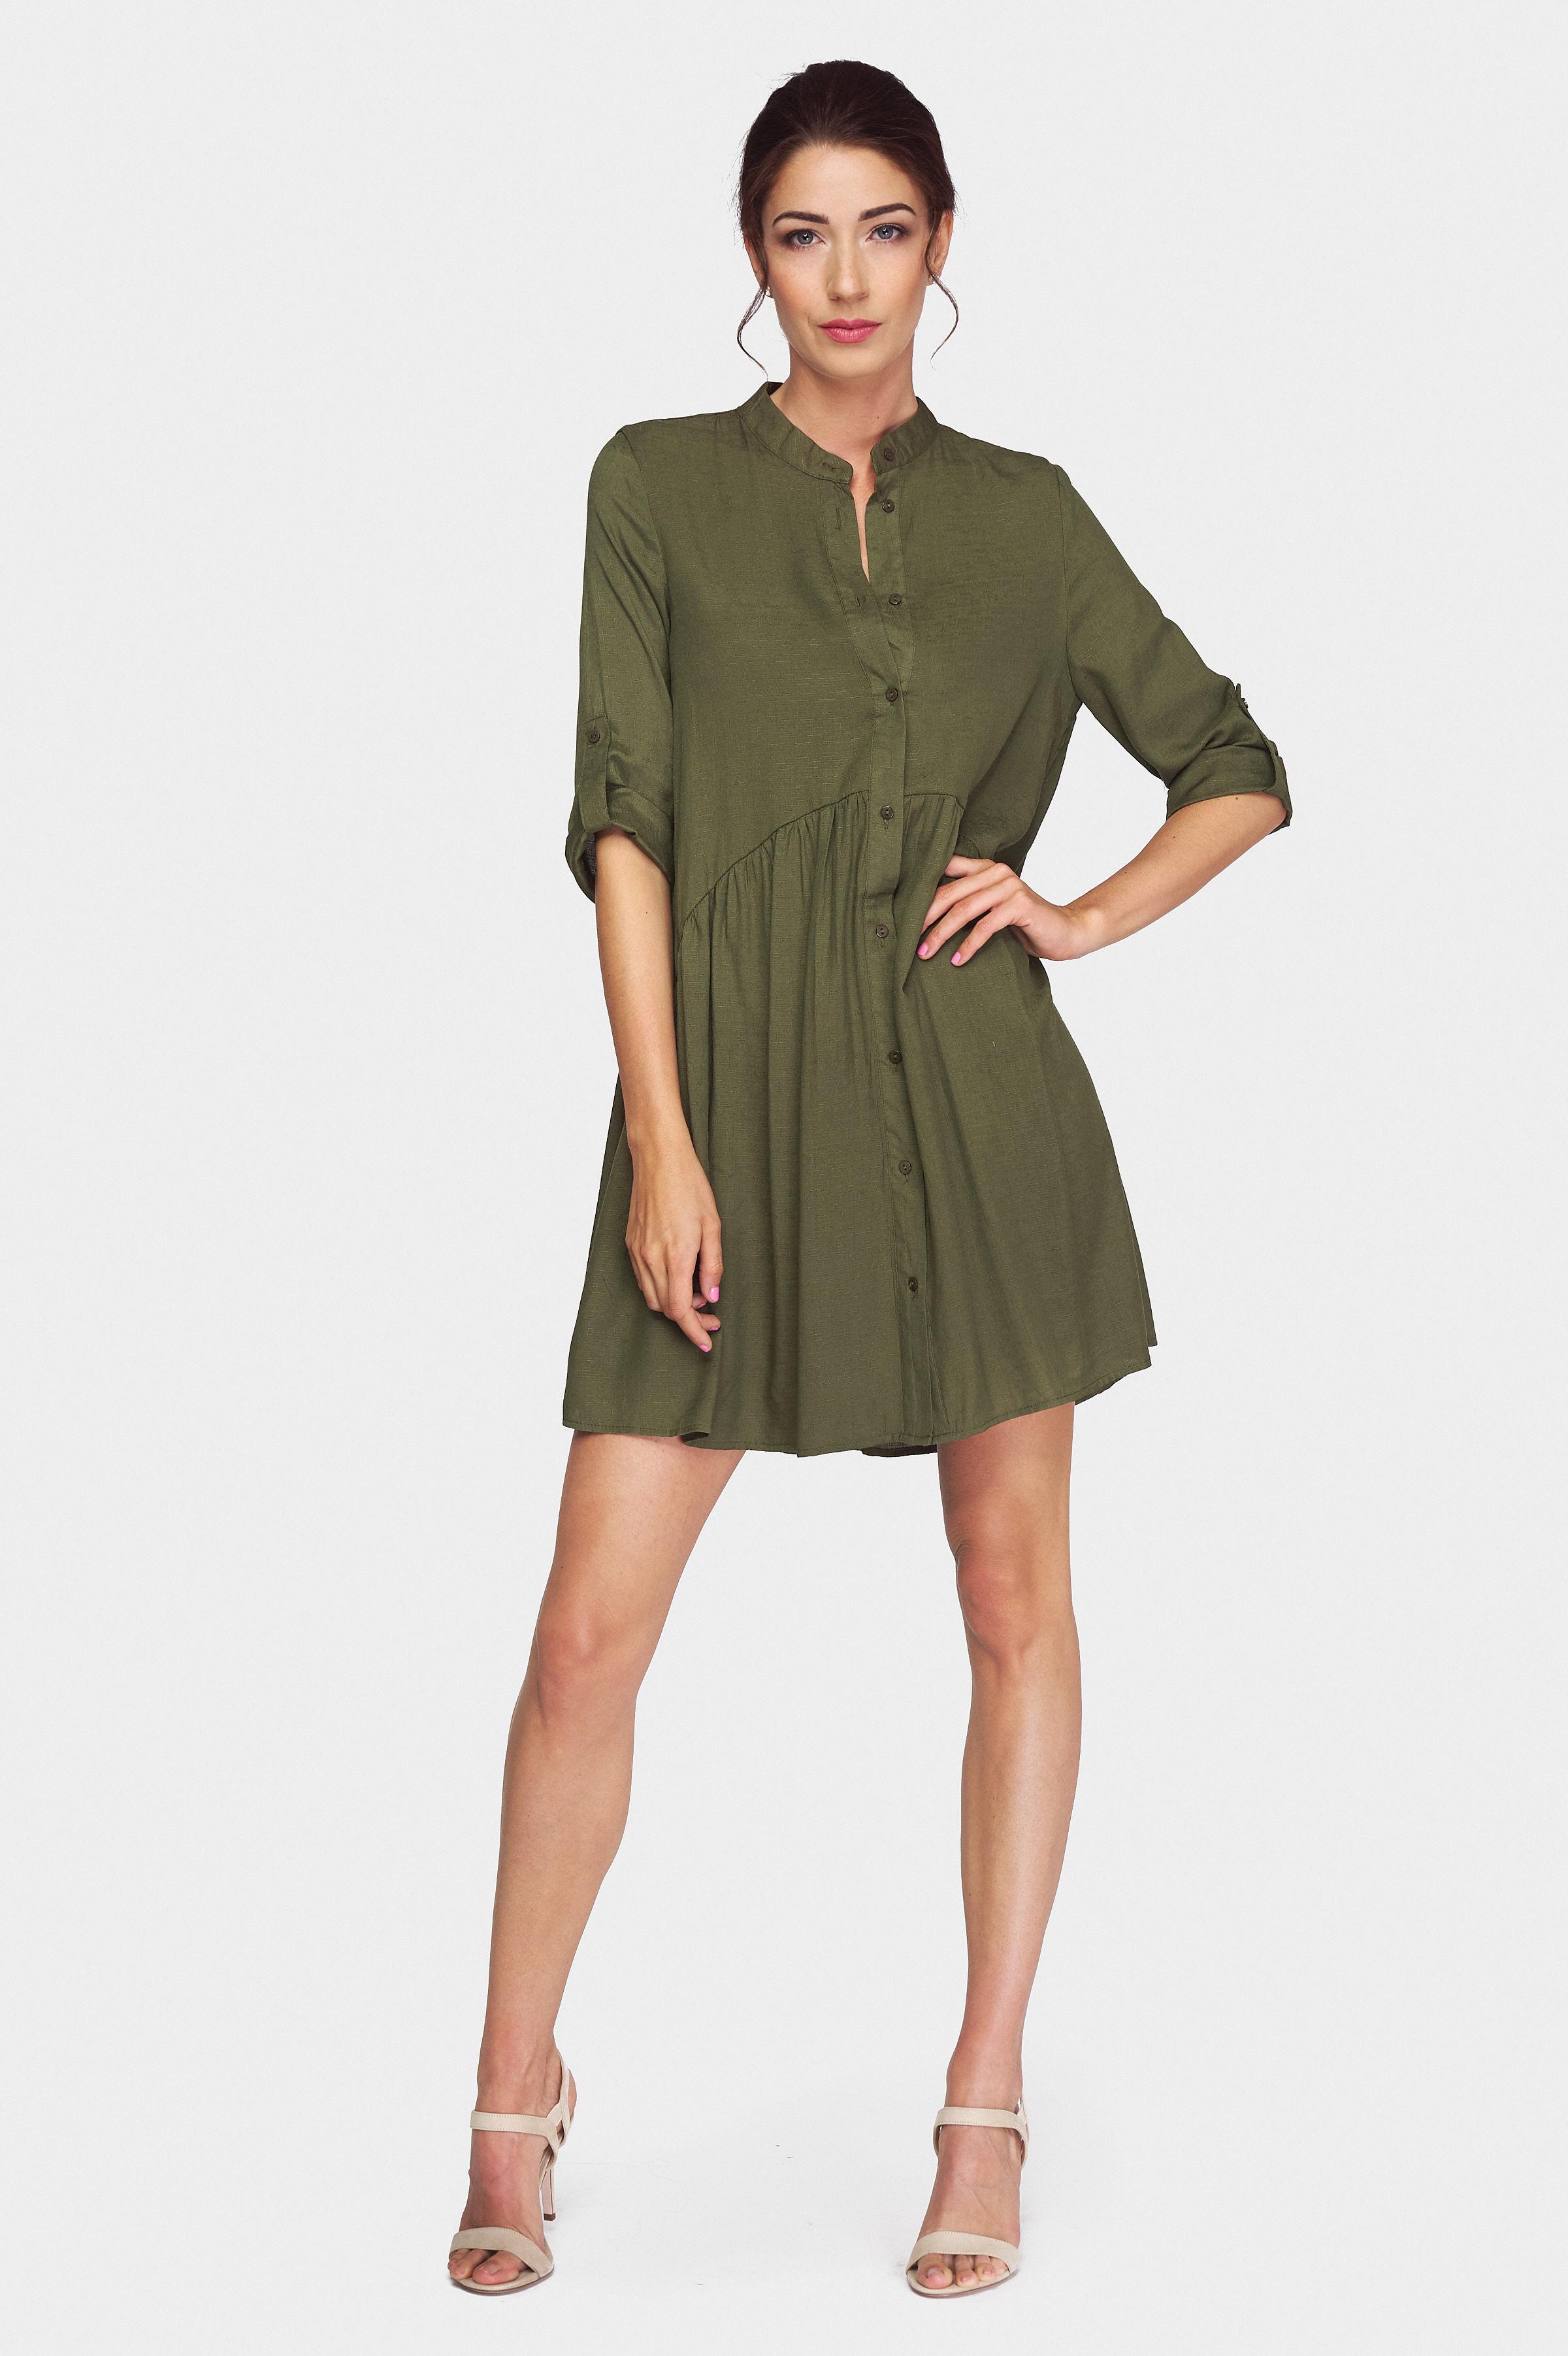 613ce97fcade Košeľové šaty 37250 - Chantall.sk